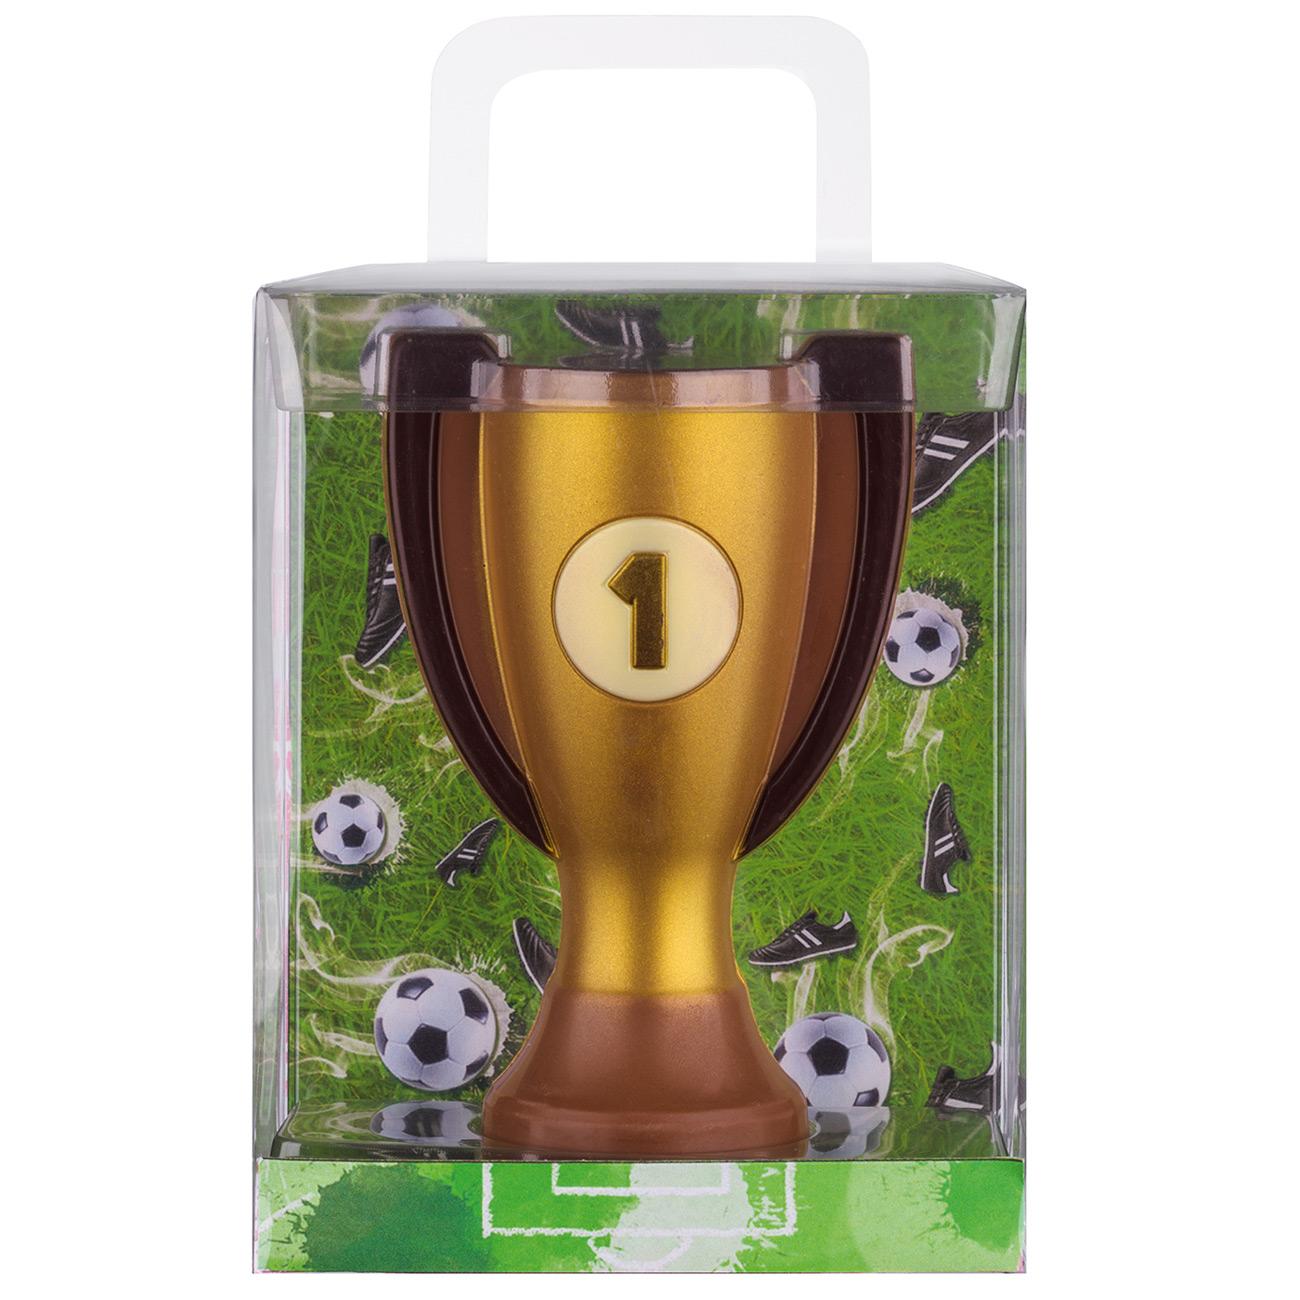 Weibler Geschenkpackung Pokal Fussball 150g